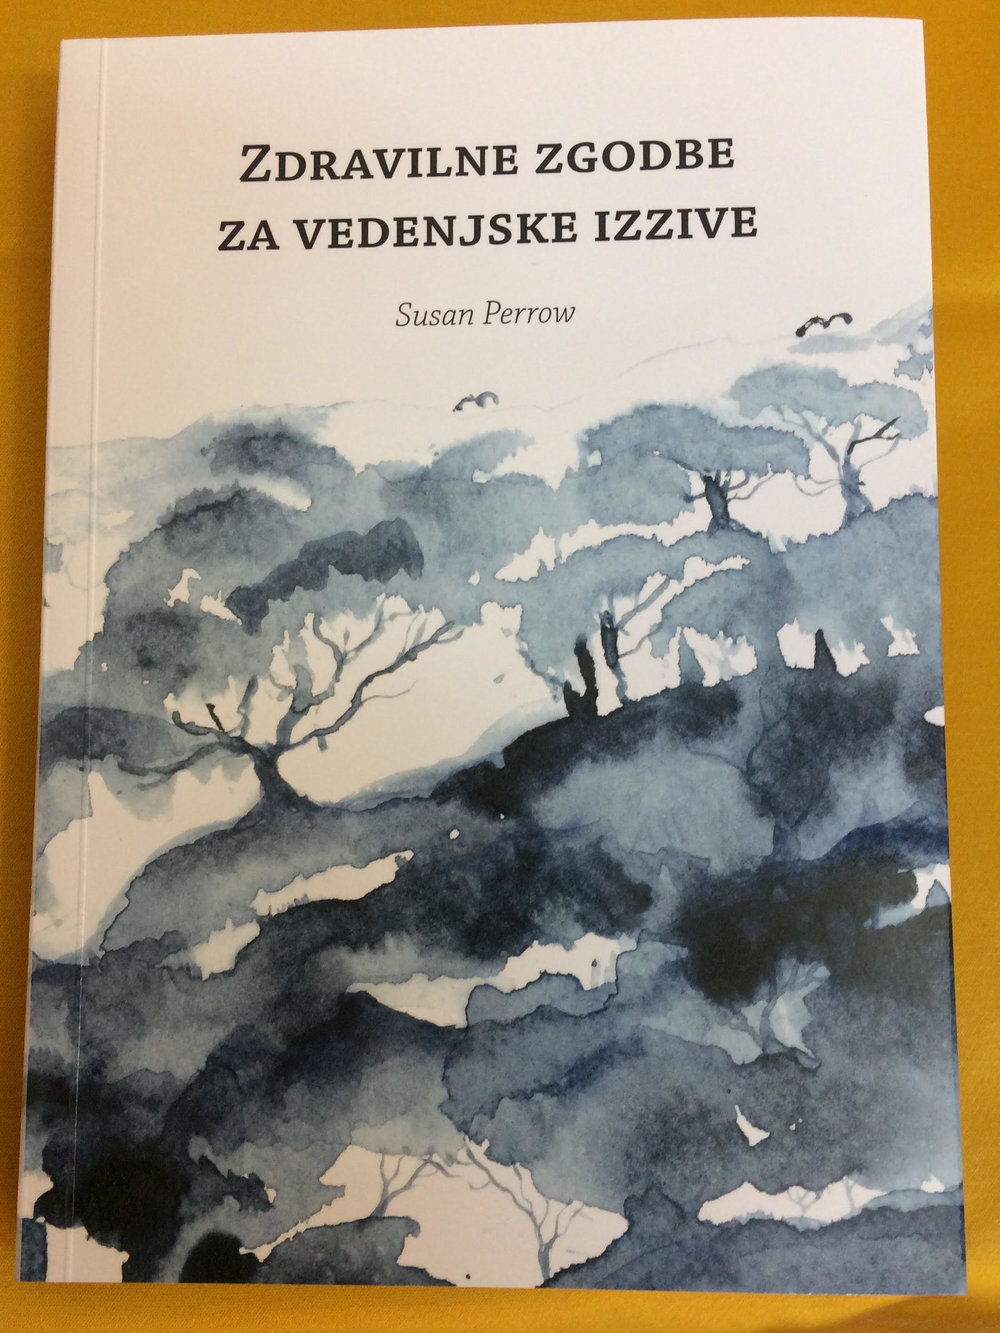 Slovenian Translation - April 2018